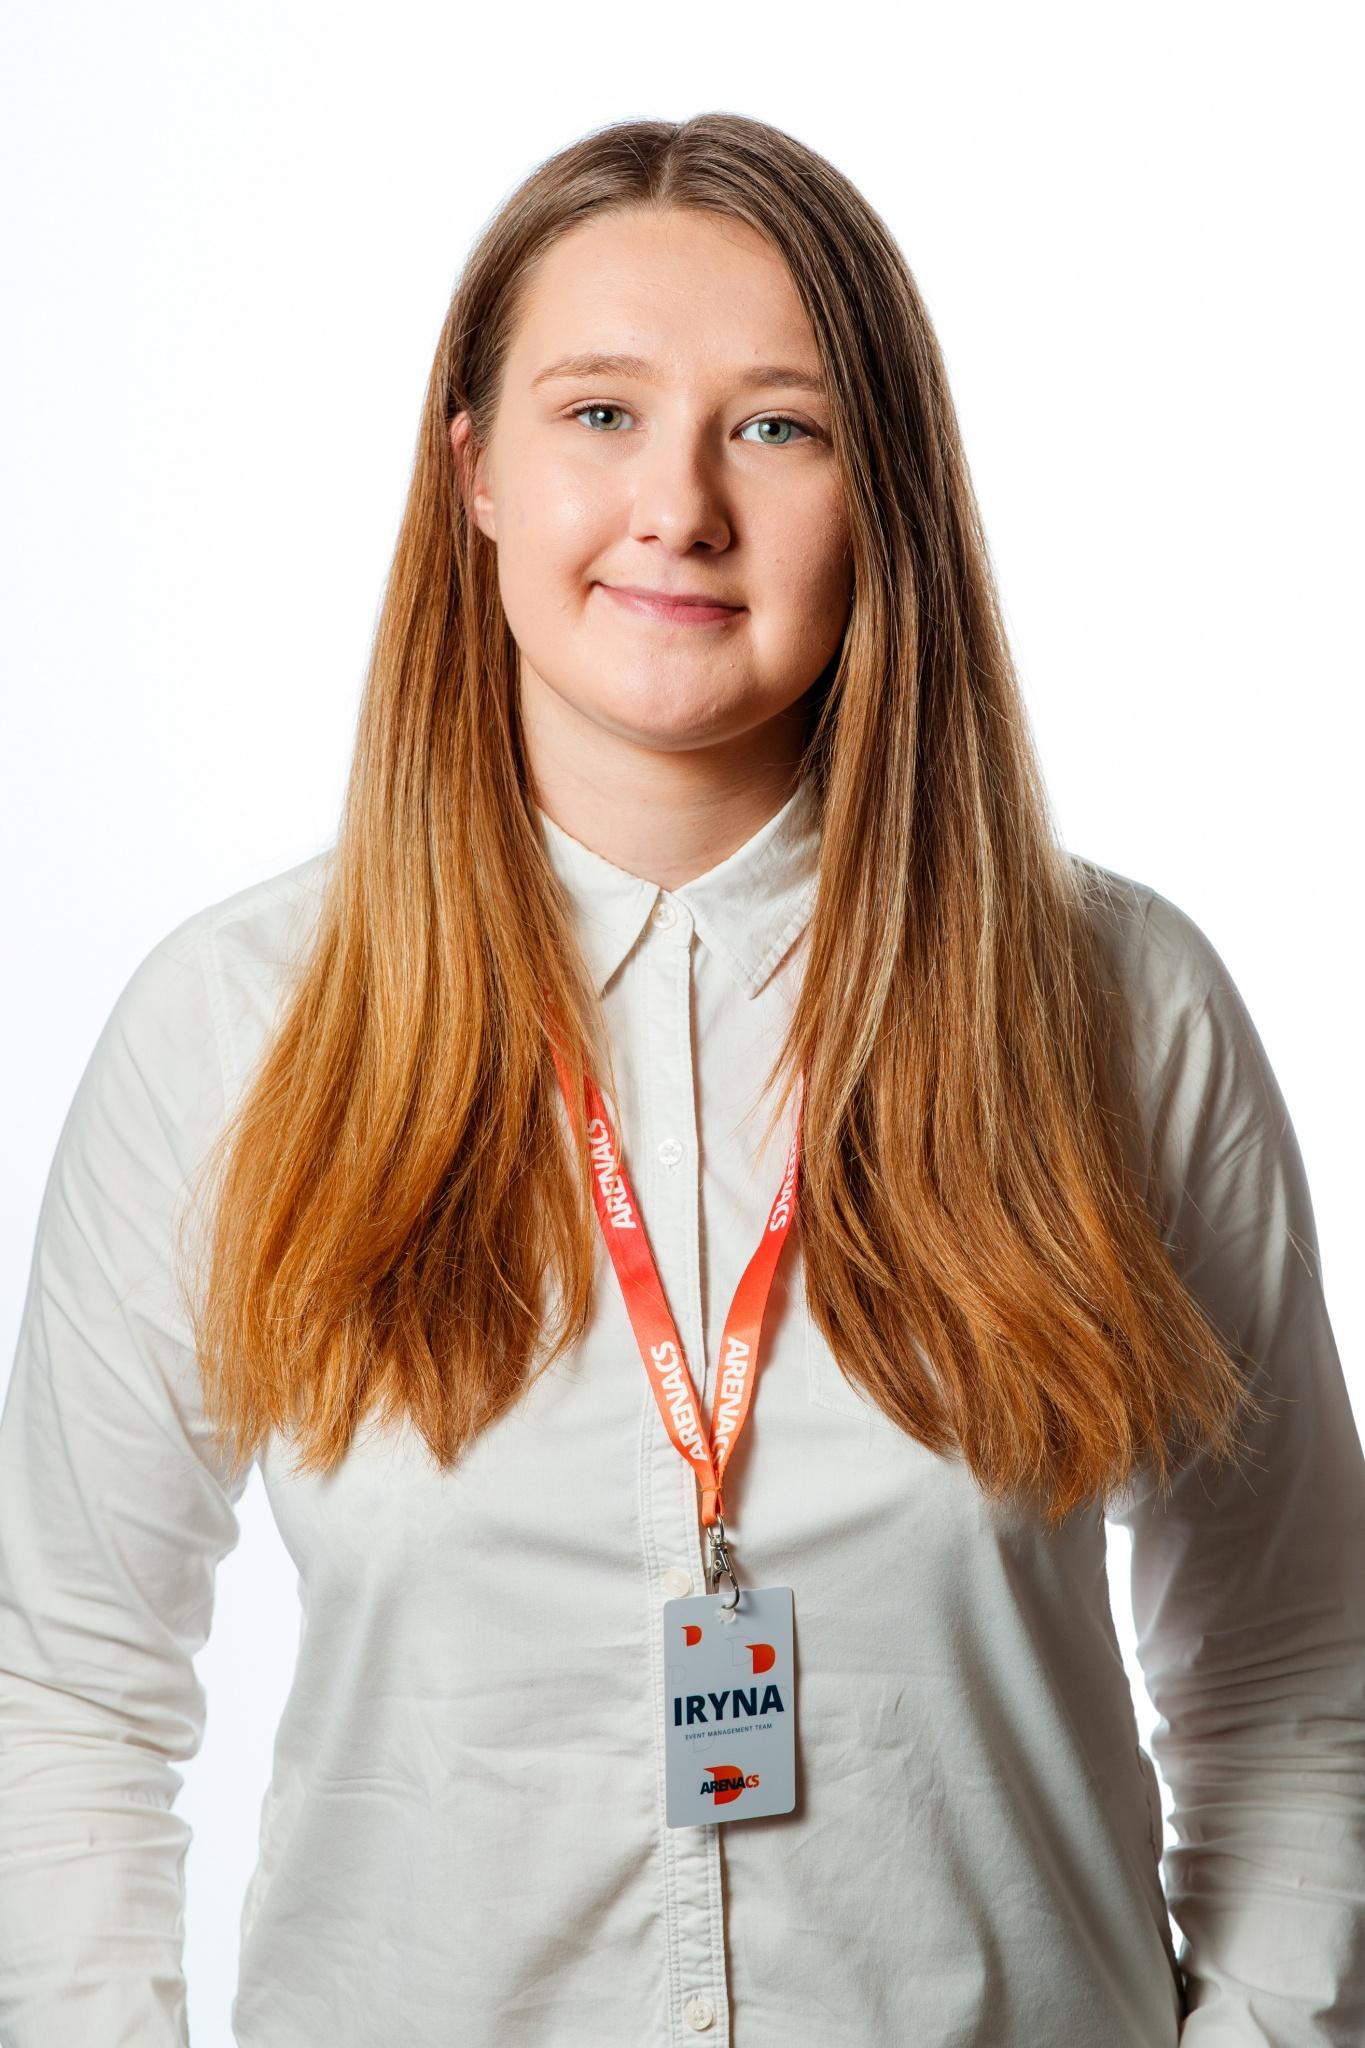 Iryna Tsomka